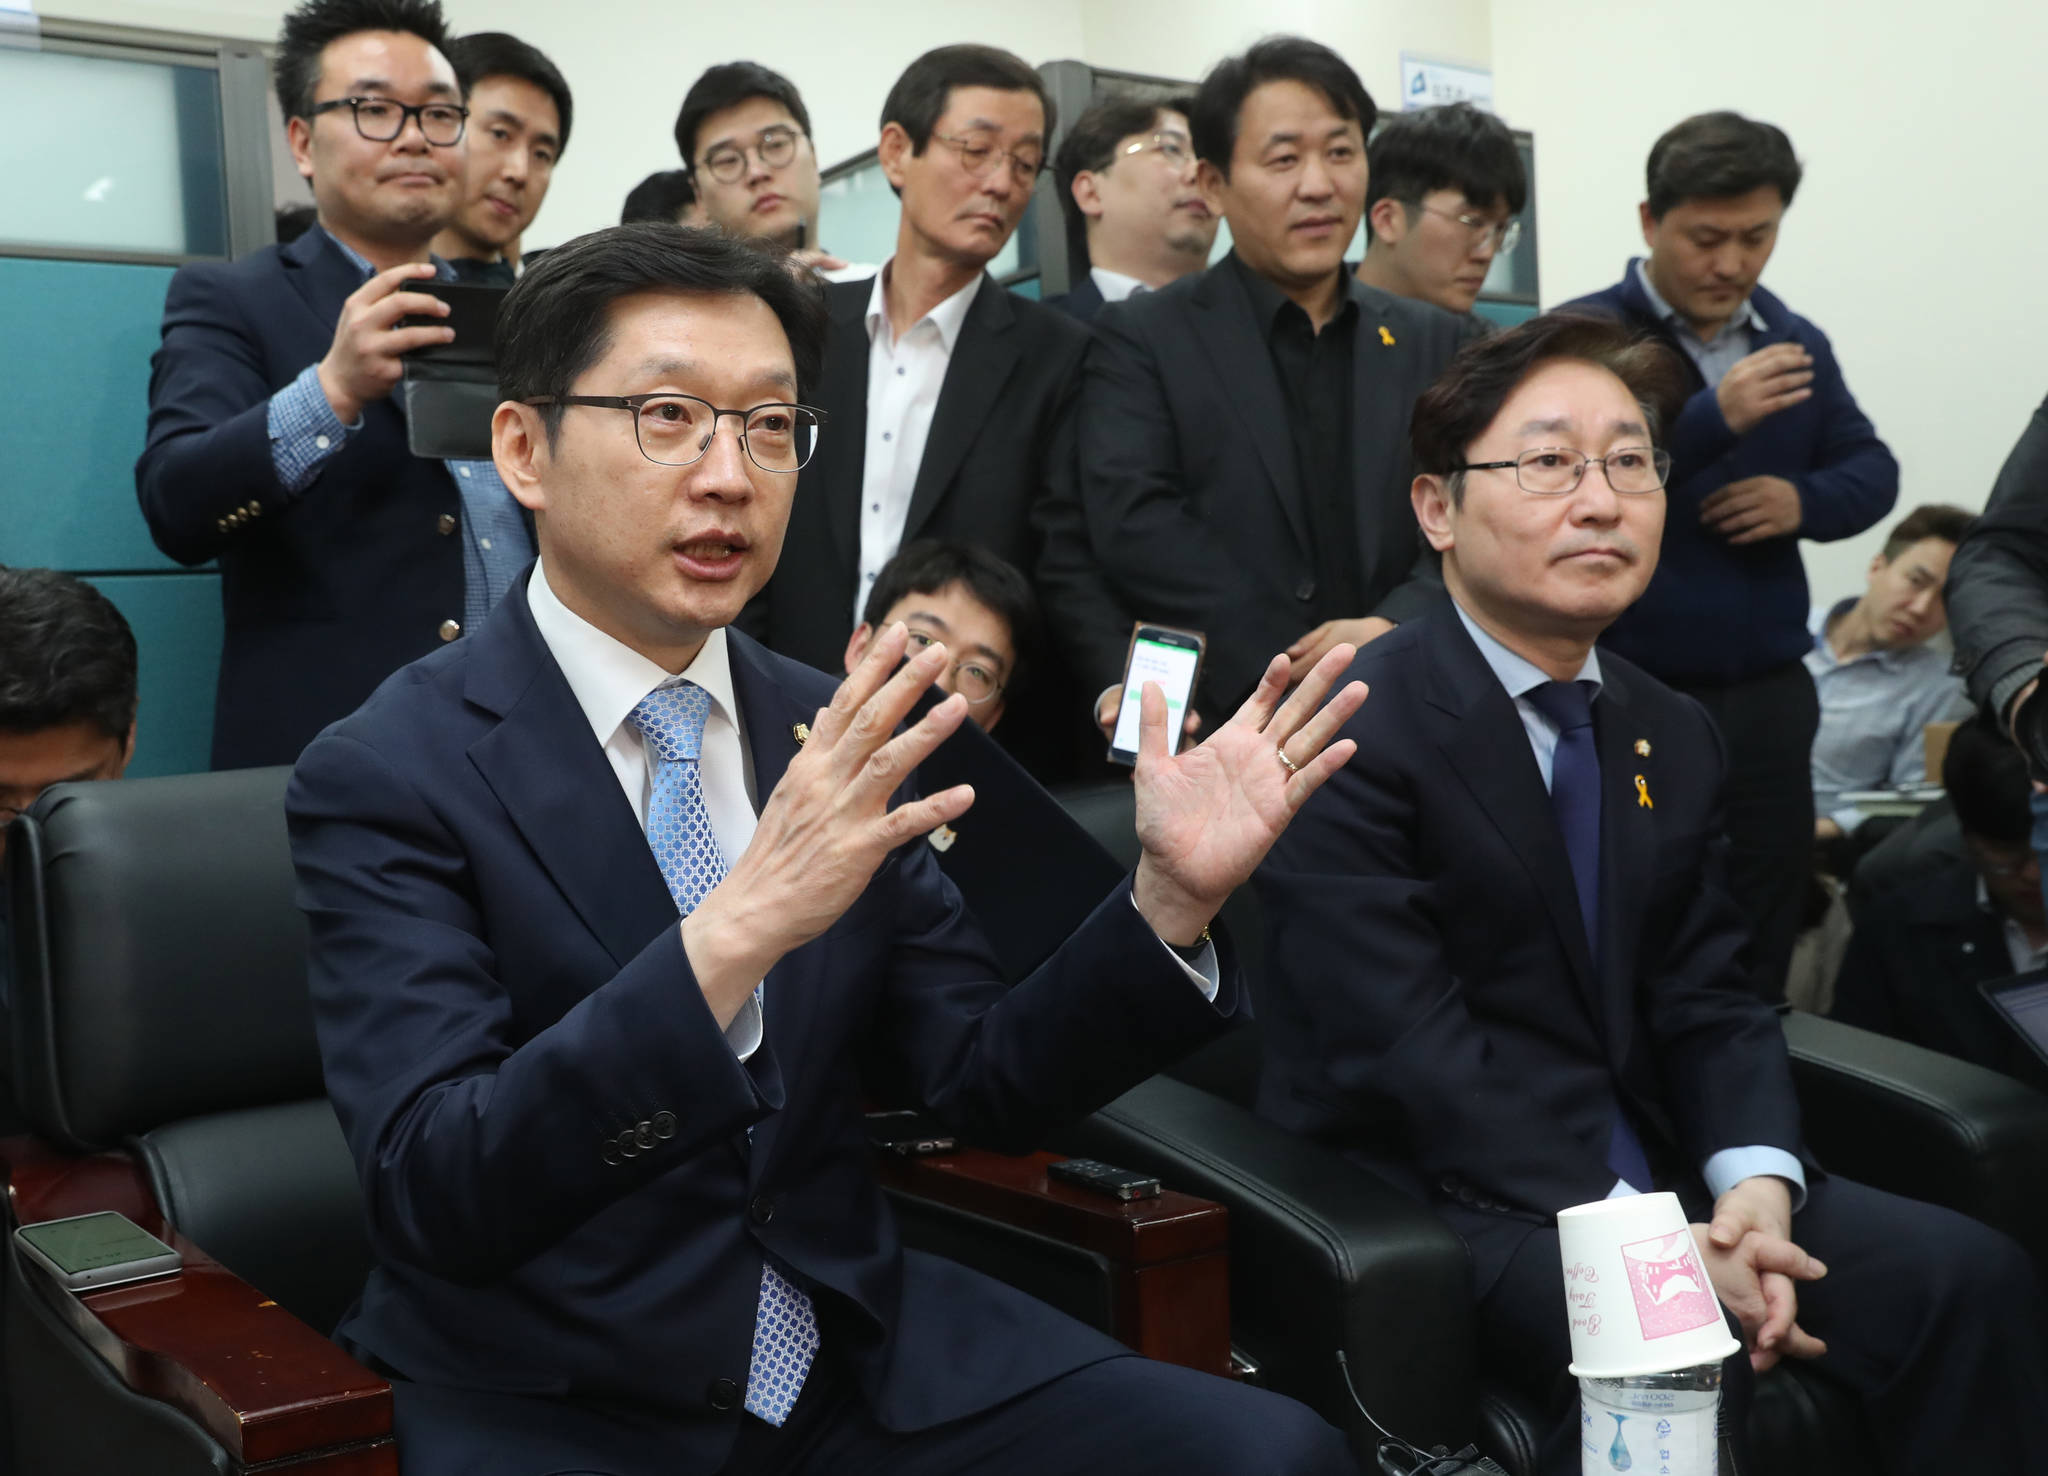 `인터넷 여론 조작 사건' 관여 의혹을 받고 있는 더불어민주당 김경수 의원이 16일 오후 국회 정론관에서 기자회견을 한 뒤 대변인실에서 질의응답을 하고 있다. 사진 공동취재기자단